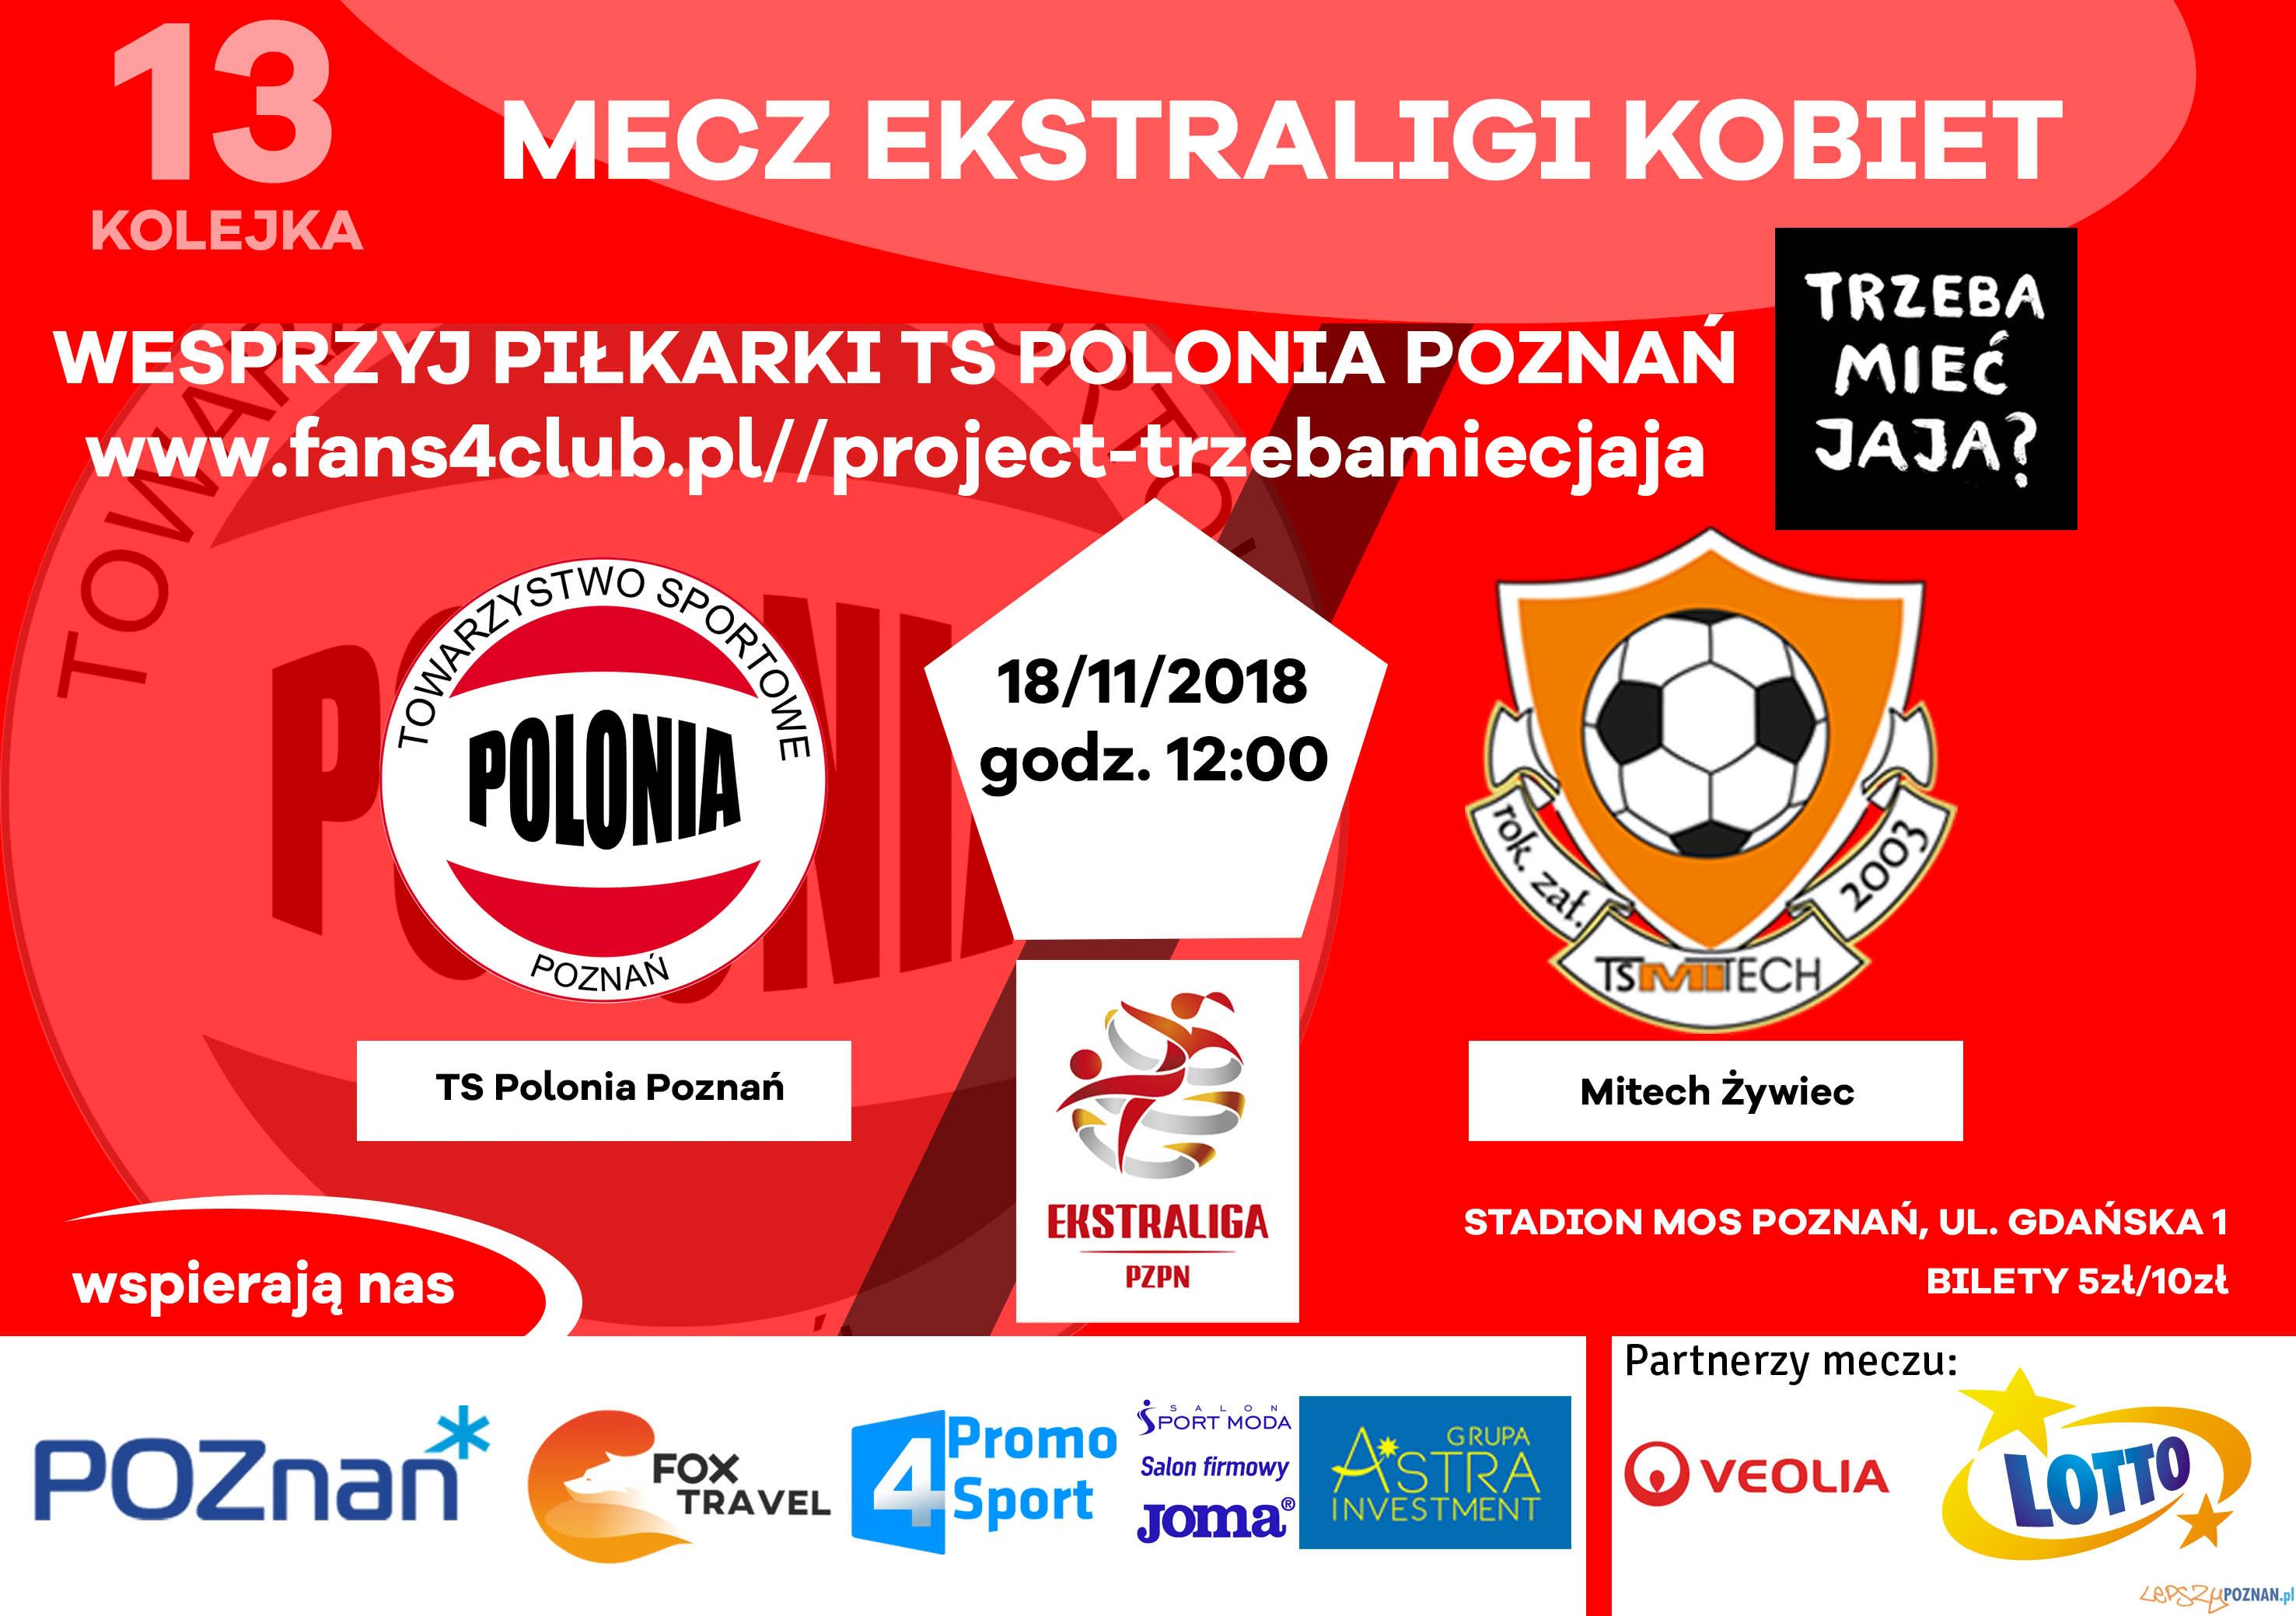 Polonia Poznań - plakat meczowy  Foto: materiały prasowe